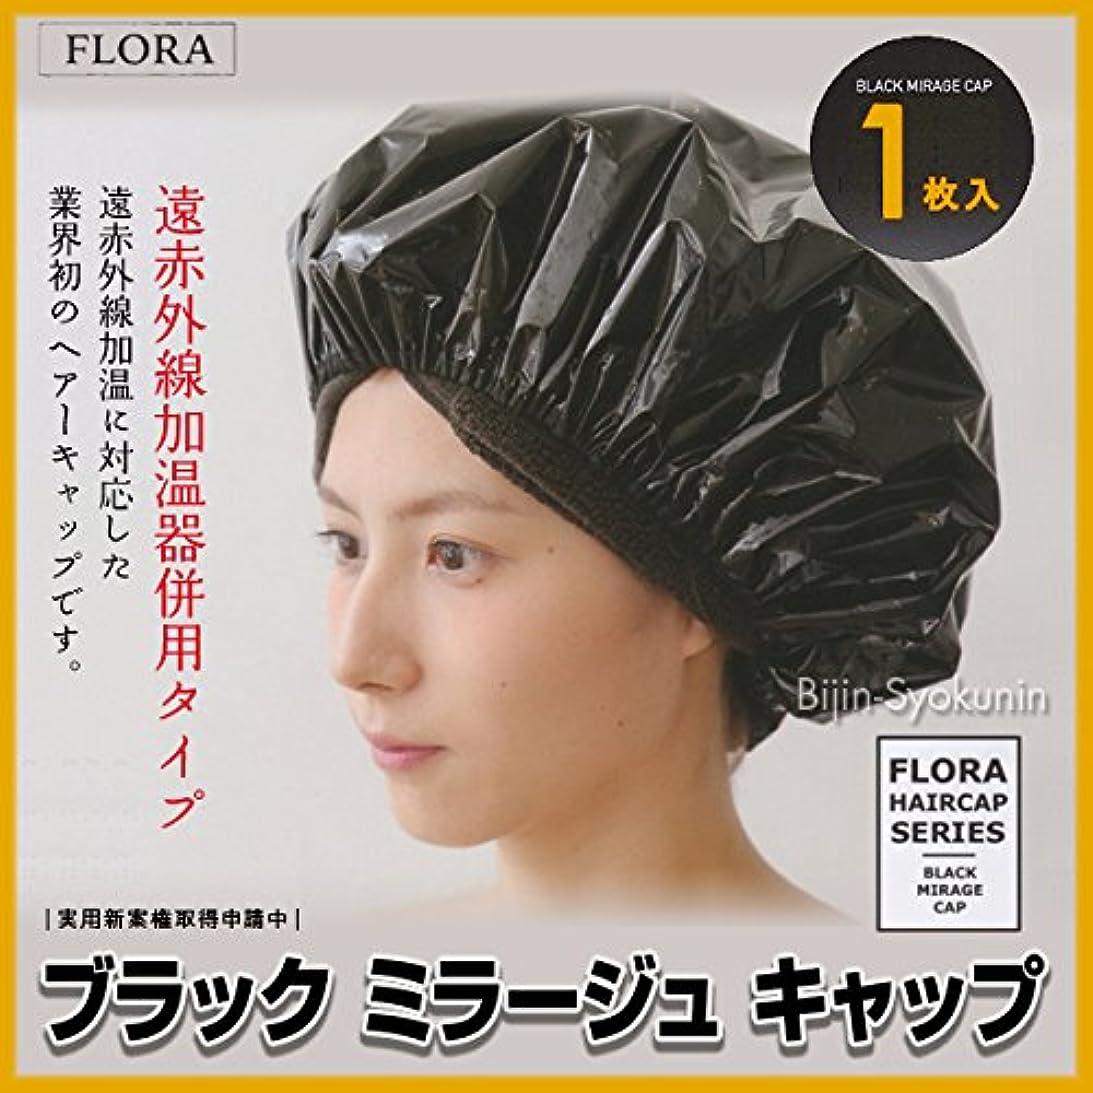 疑い者ハブブ定数ブラック ミラージュ キャップ BLACK MIRAGE CAP【1枚入り】